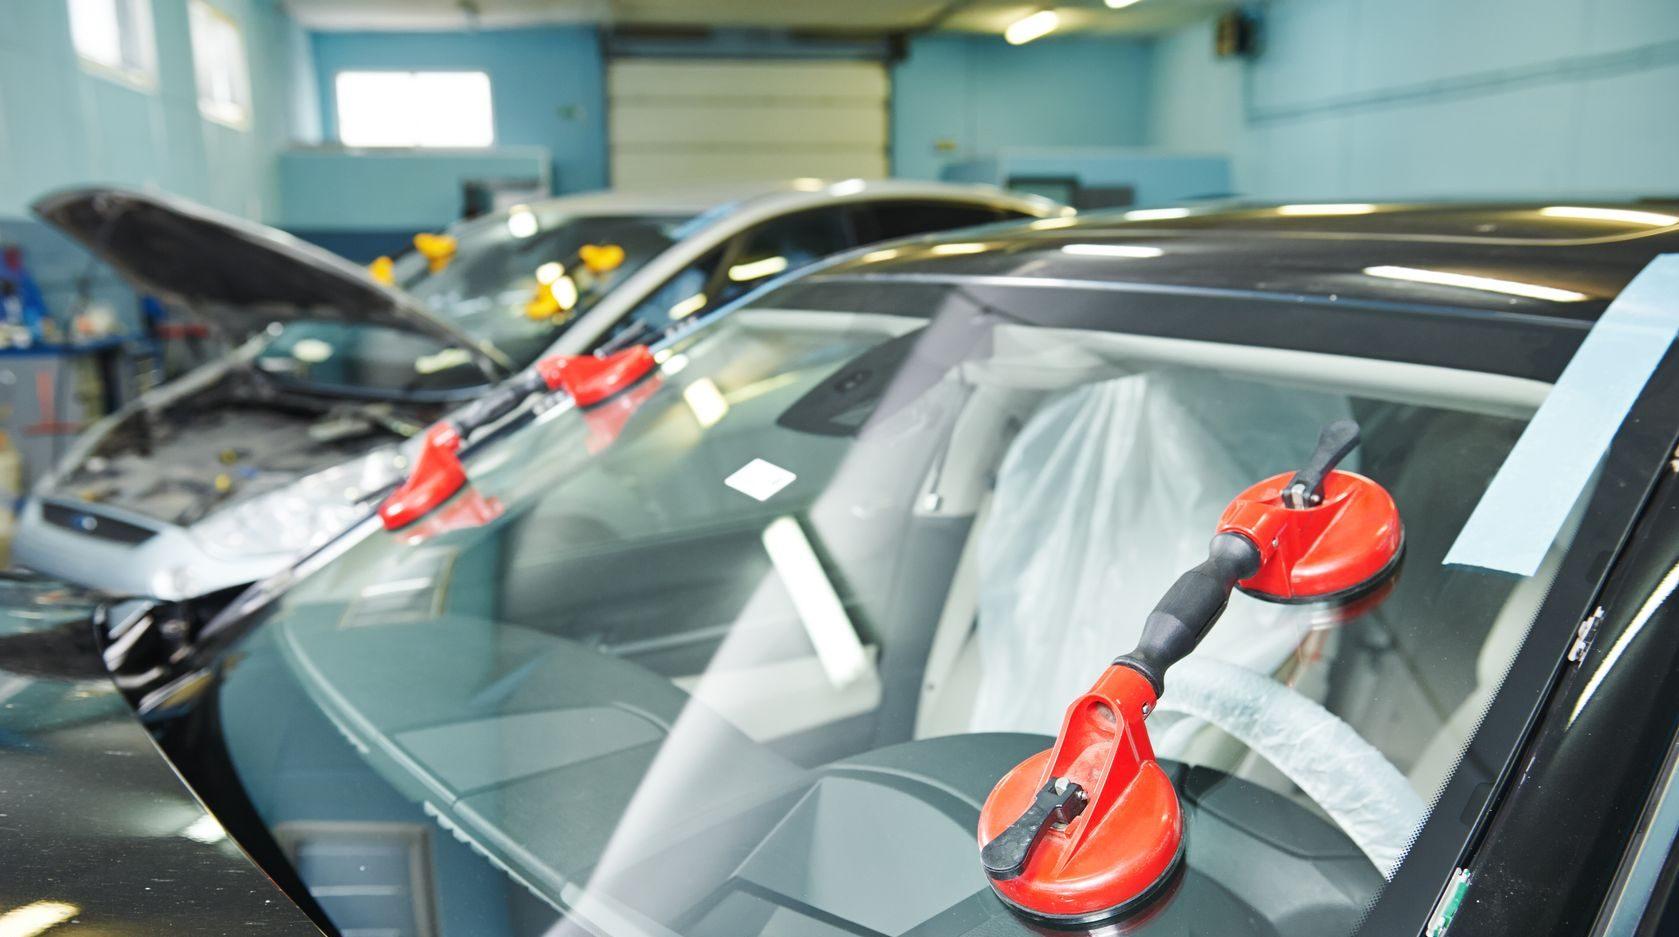 Naprawa Szyb Samochodowych, Foliowanie, Naprawa Pęknięć - Kilkanaście lat na rynku. Najnowsza technologia i unikalne rozwiązania